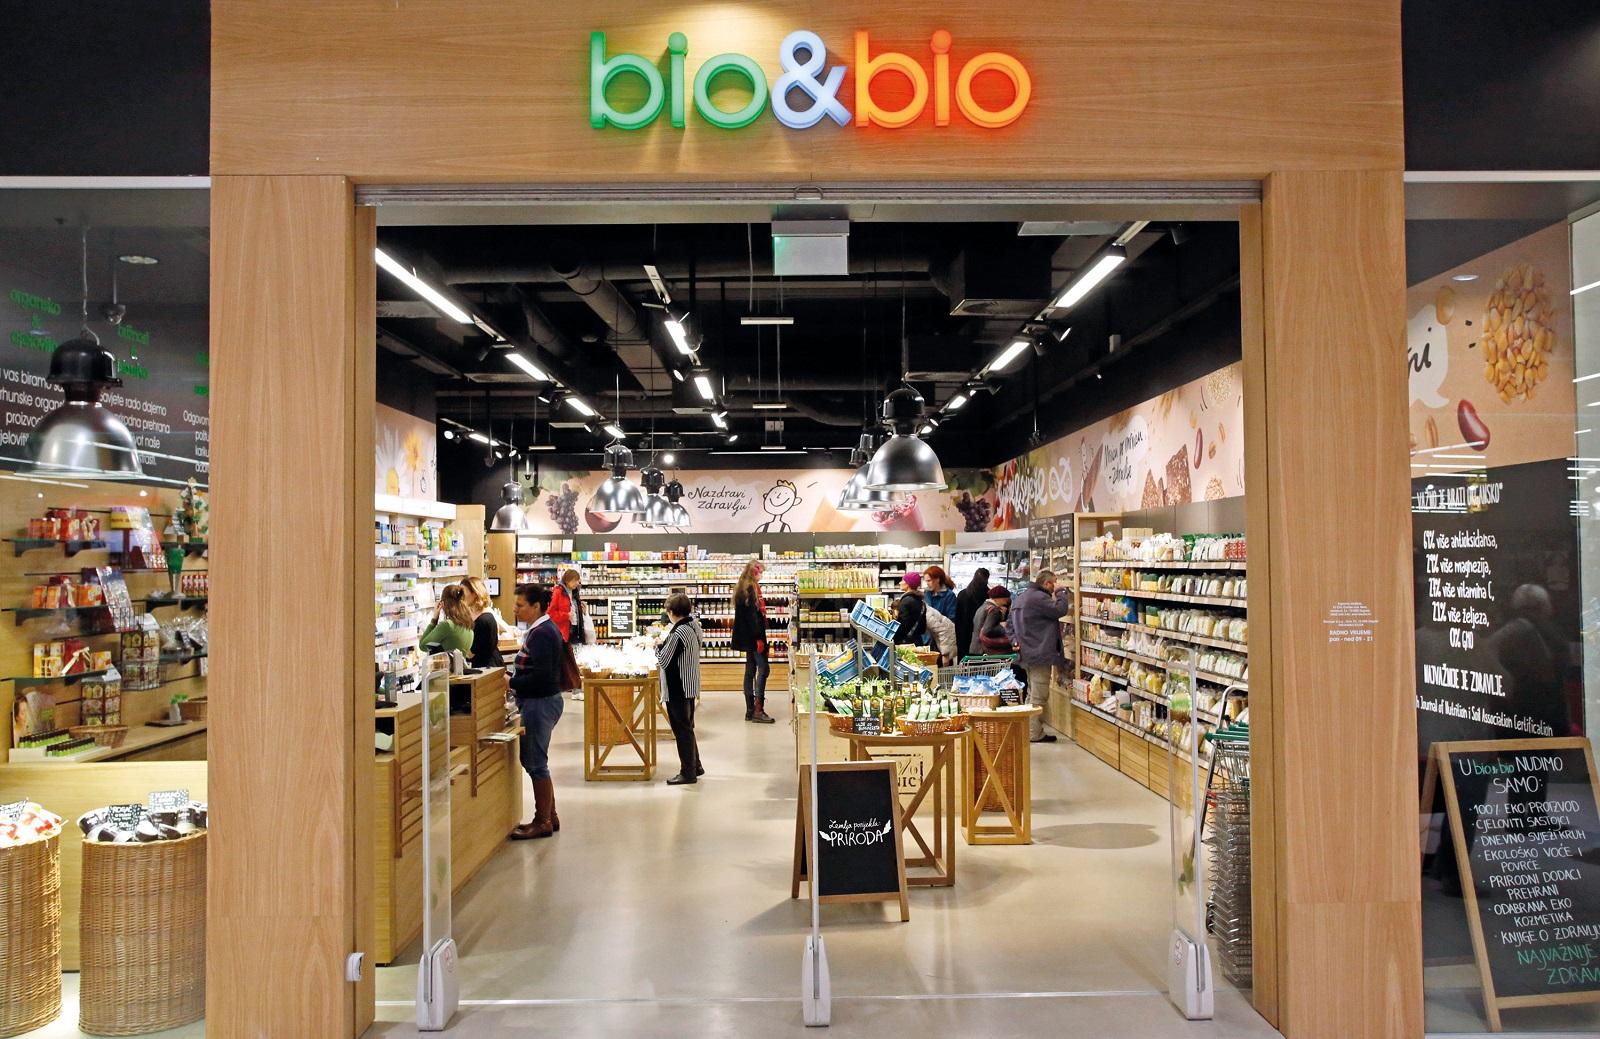 bio&bio Image